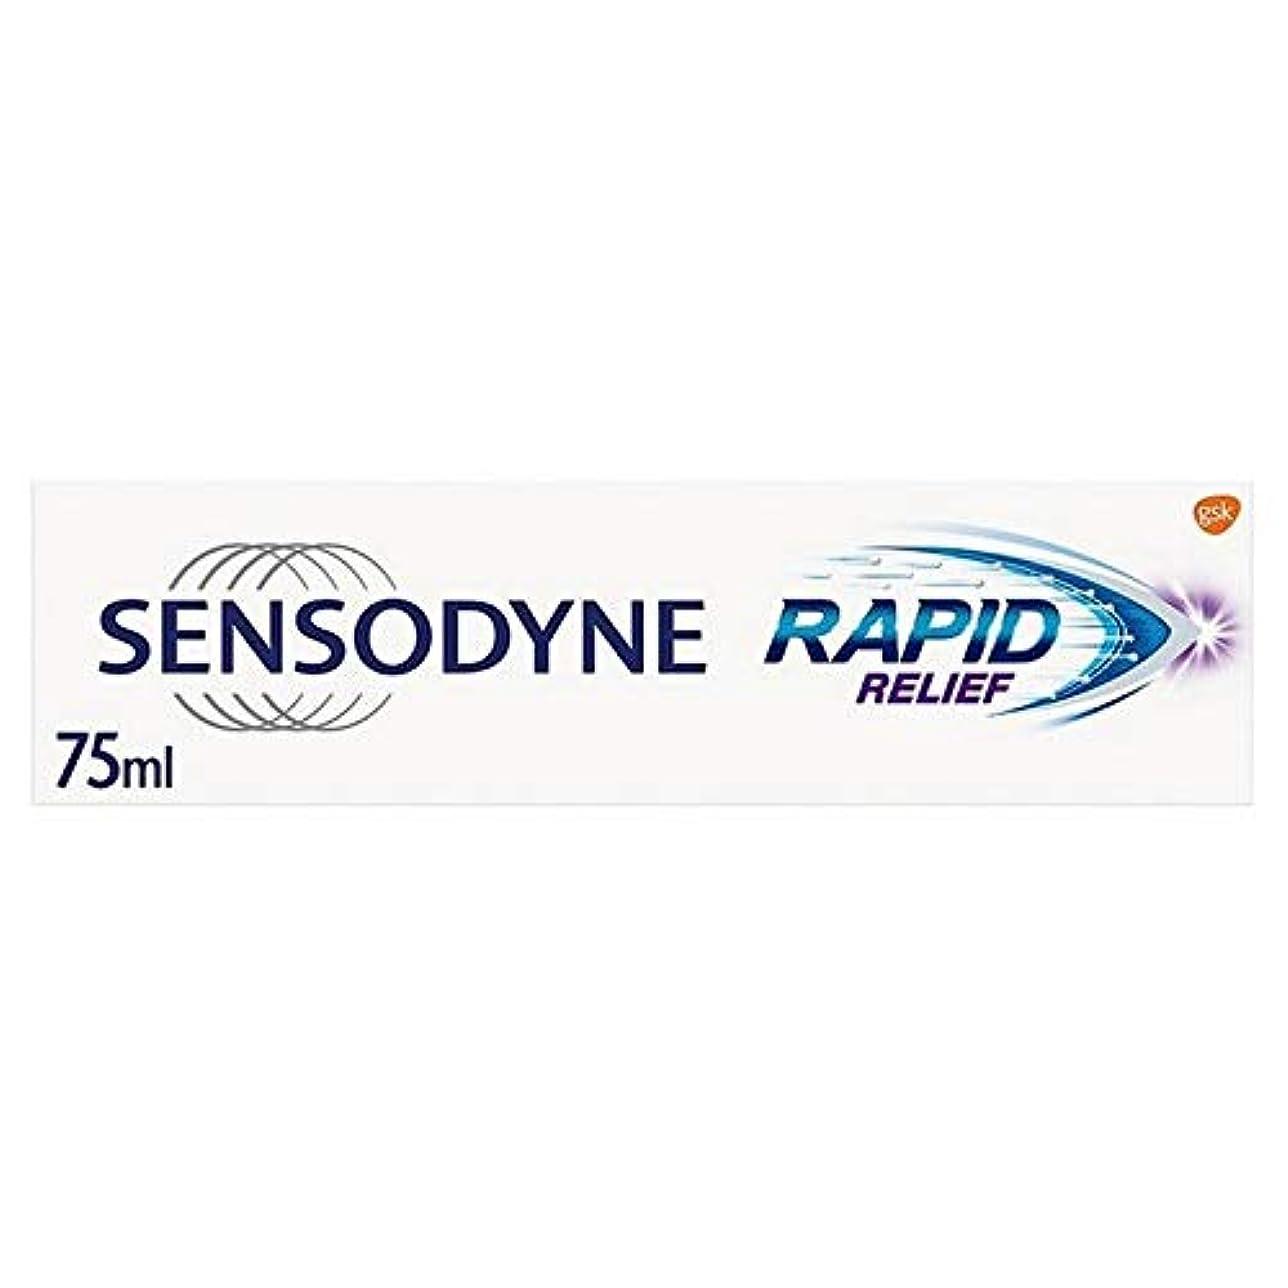 見習い日付失望させる[Sensodyne] Sensodyne迅速な救済敏感歯磨き粉75ミリリットル - Sensodyne Rapid Relief Sensitive Toothpaste 75ml [並行輸入品]